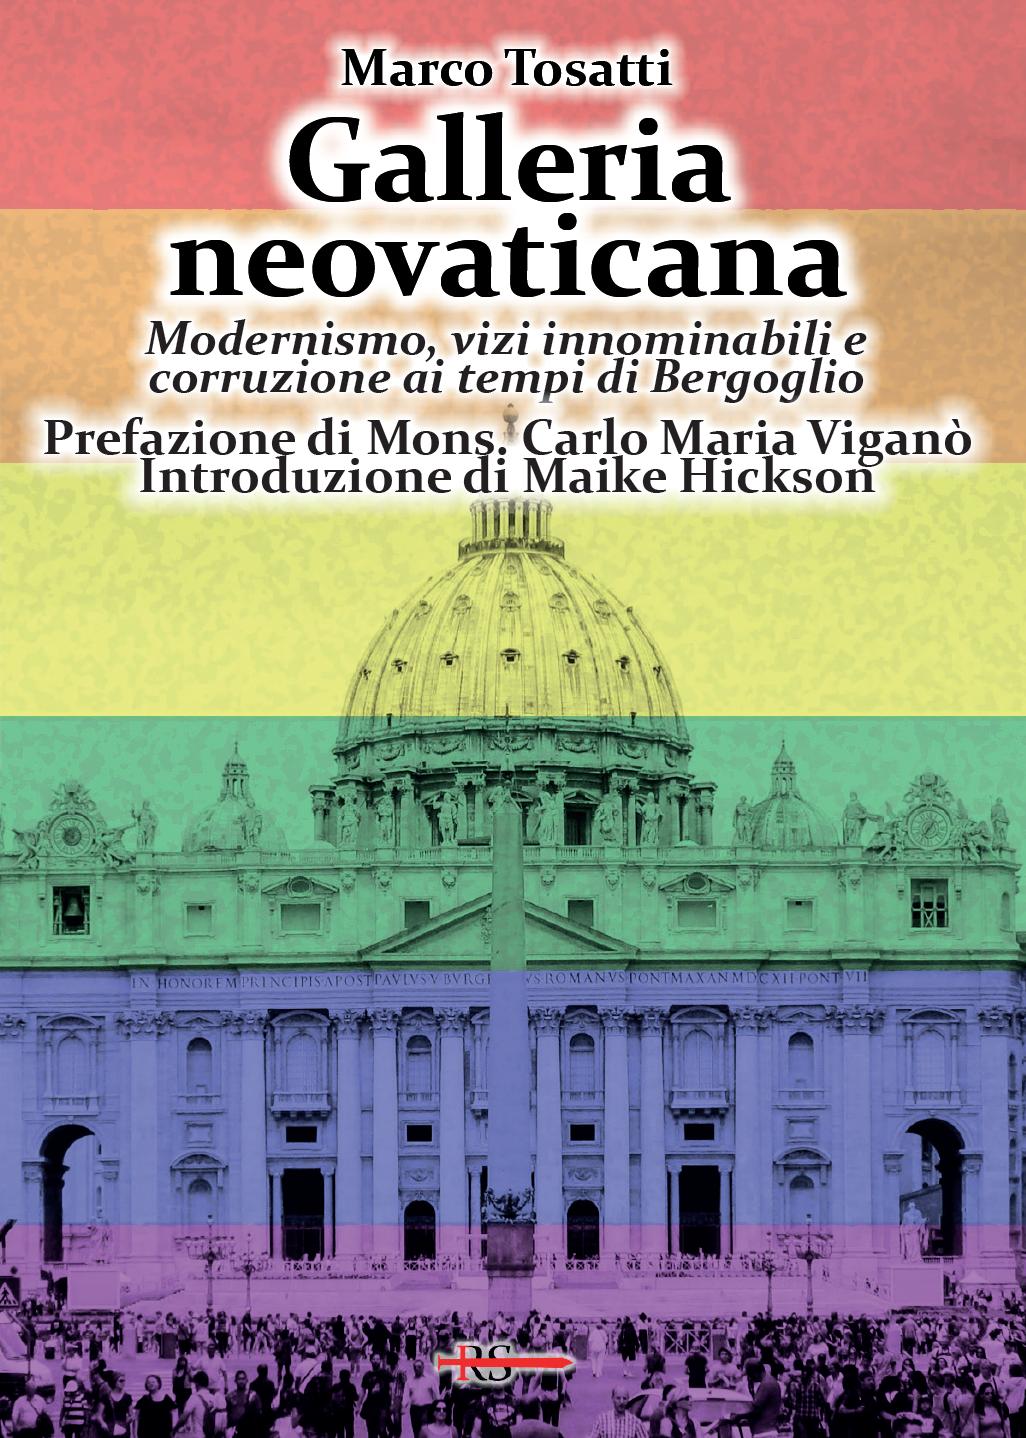 Galleria neovaticana  Modernismo, vizi innominabili e corruzione ai tempi di Bergoglio